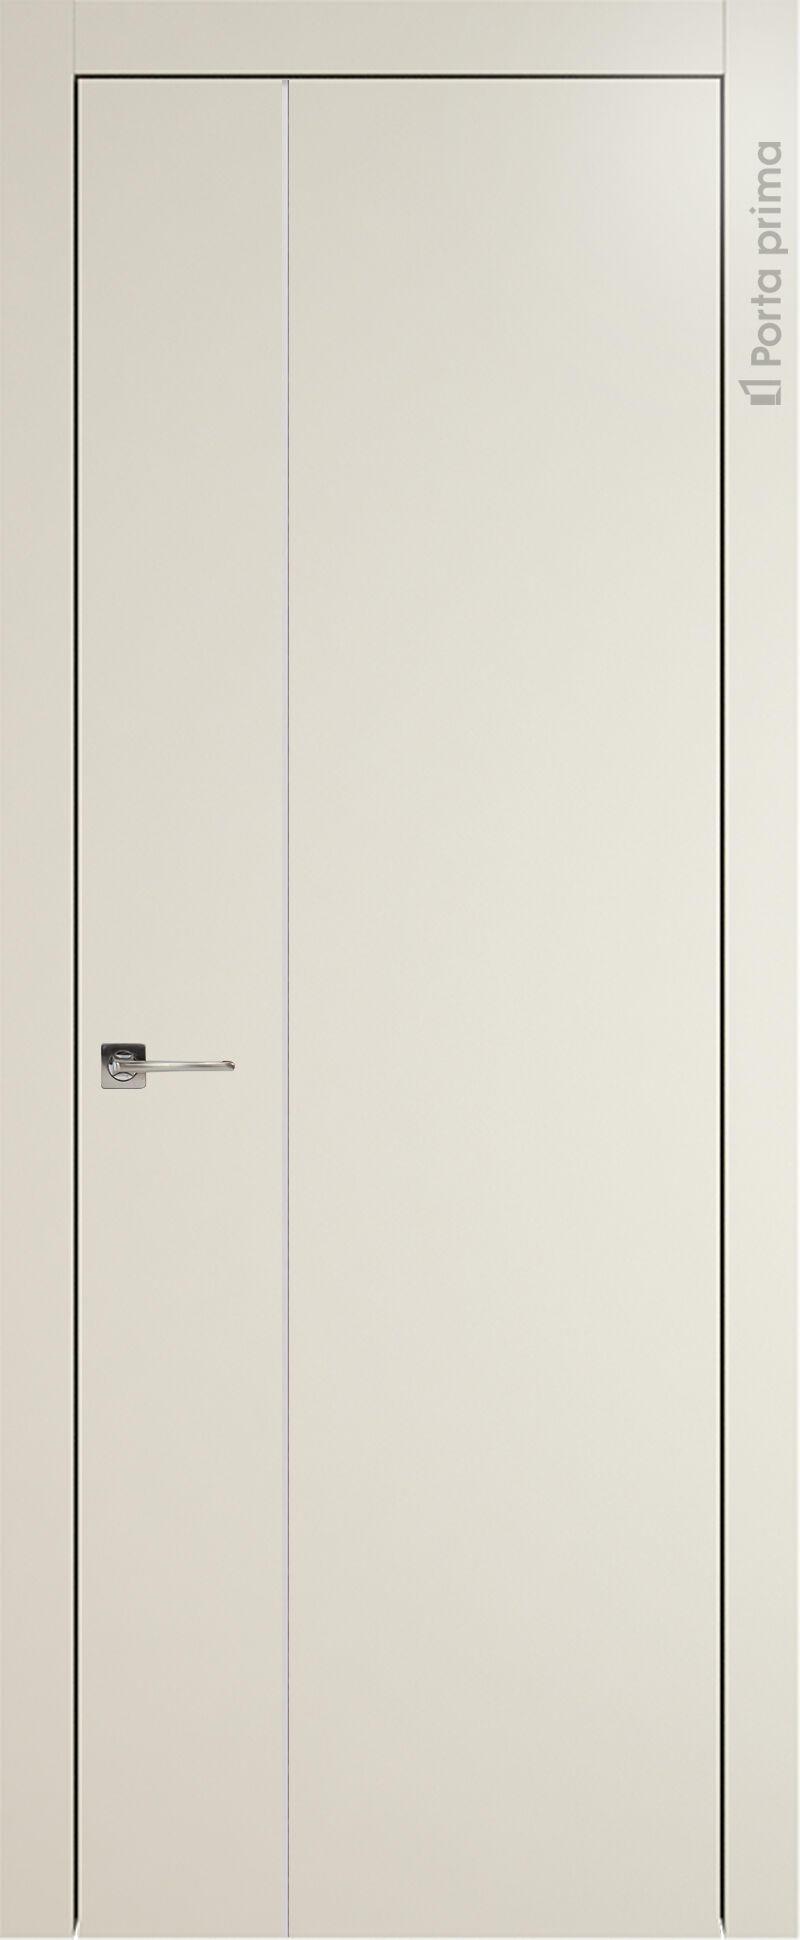 Tivoli В-1 цвет - Жемчужная эмаль (RAL 1013) Без стекла (ДГ)